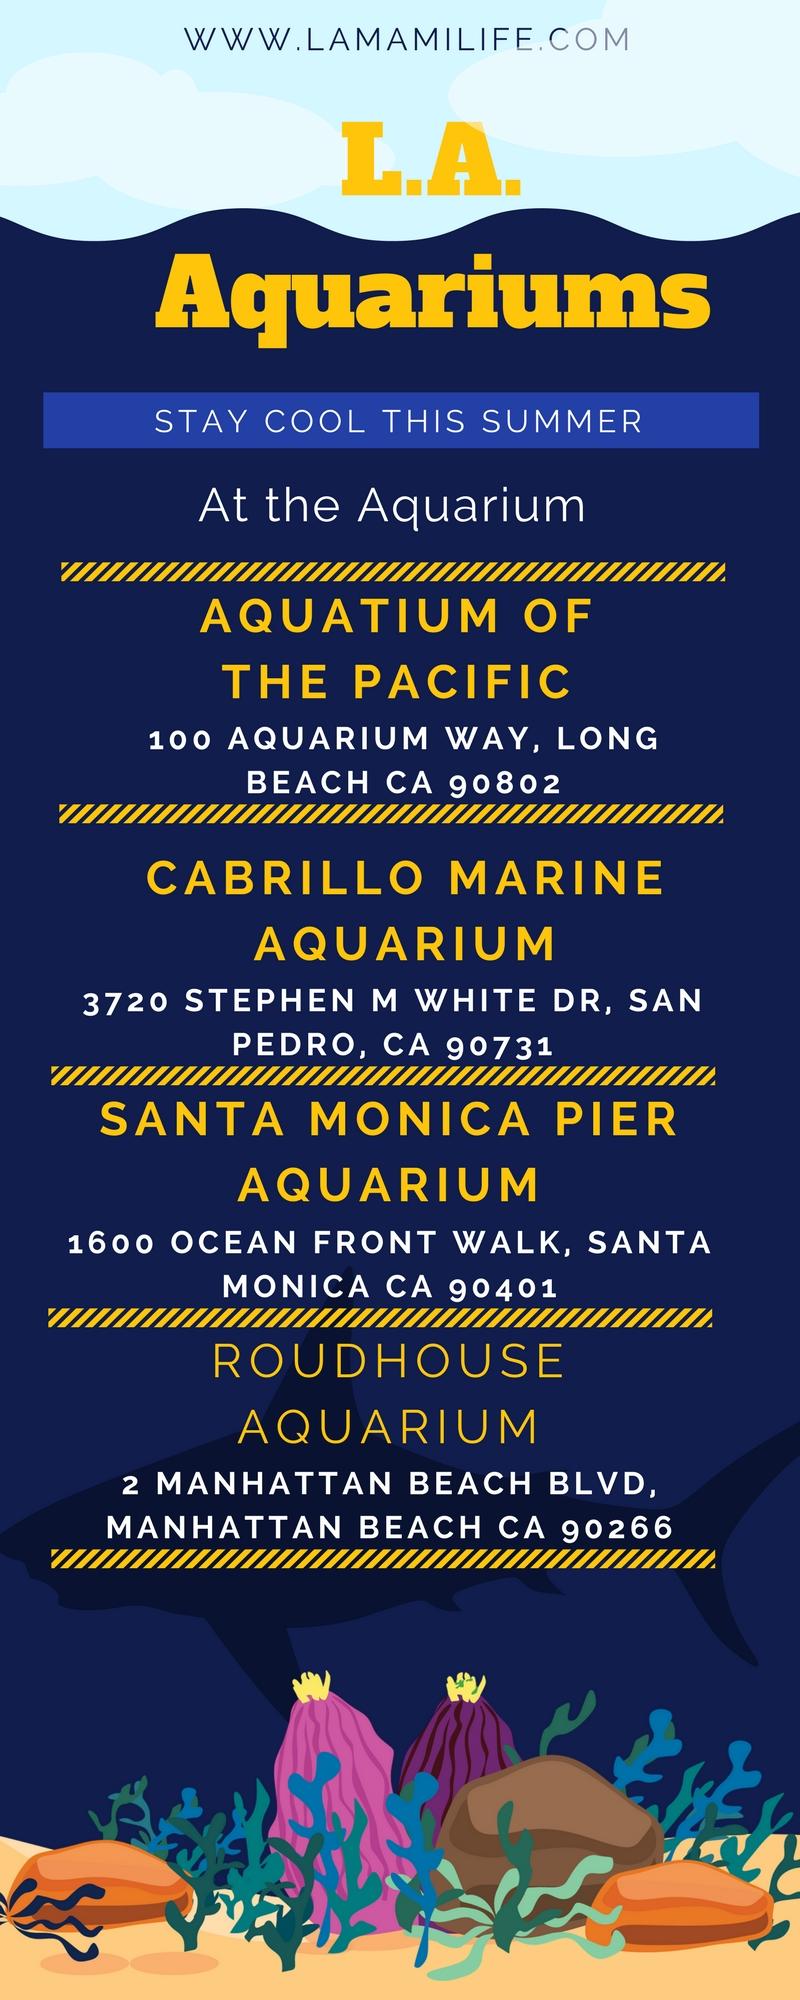 L.A. Aquariums